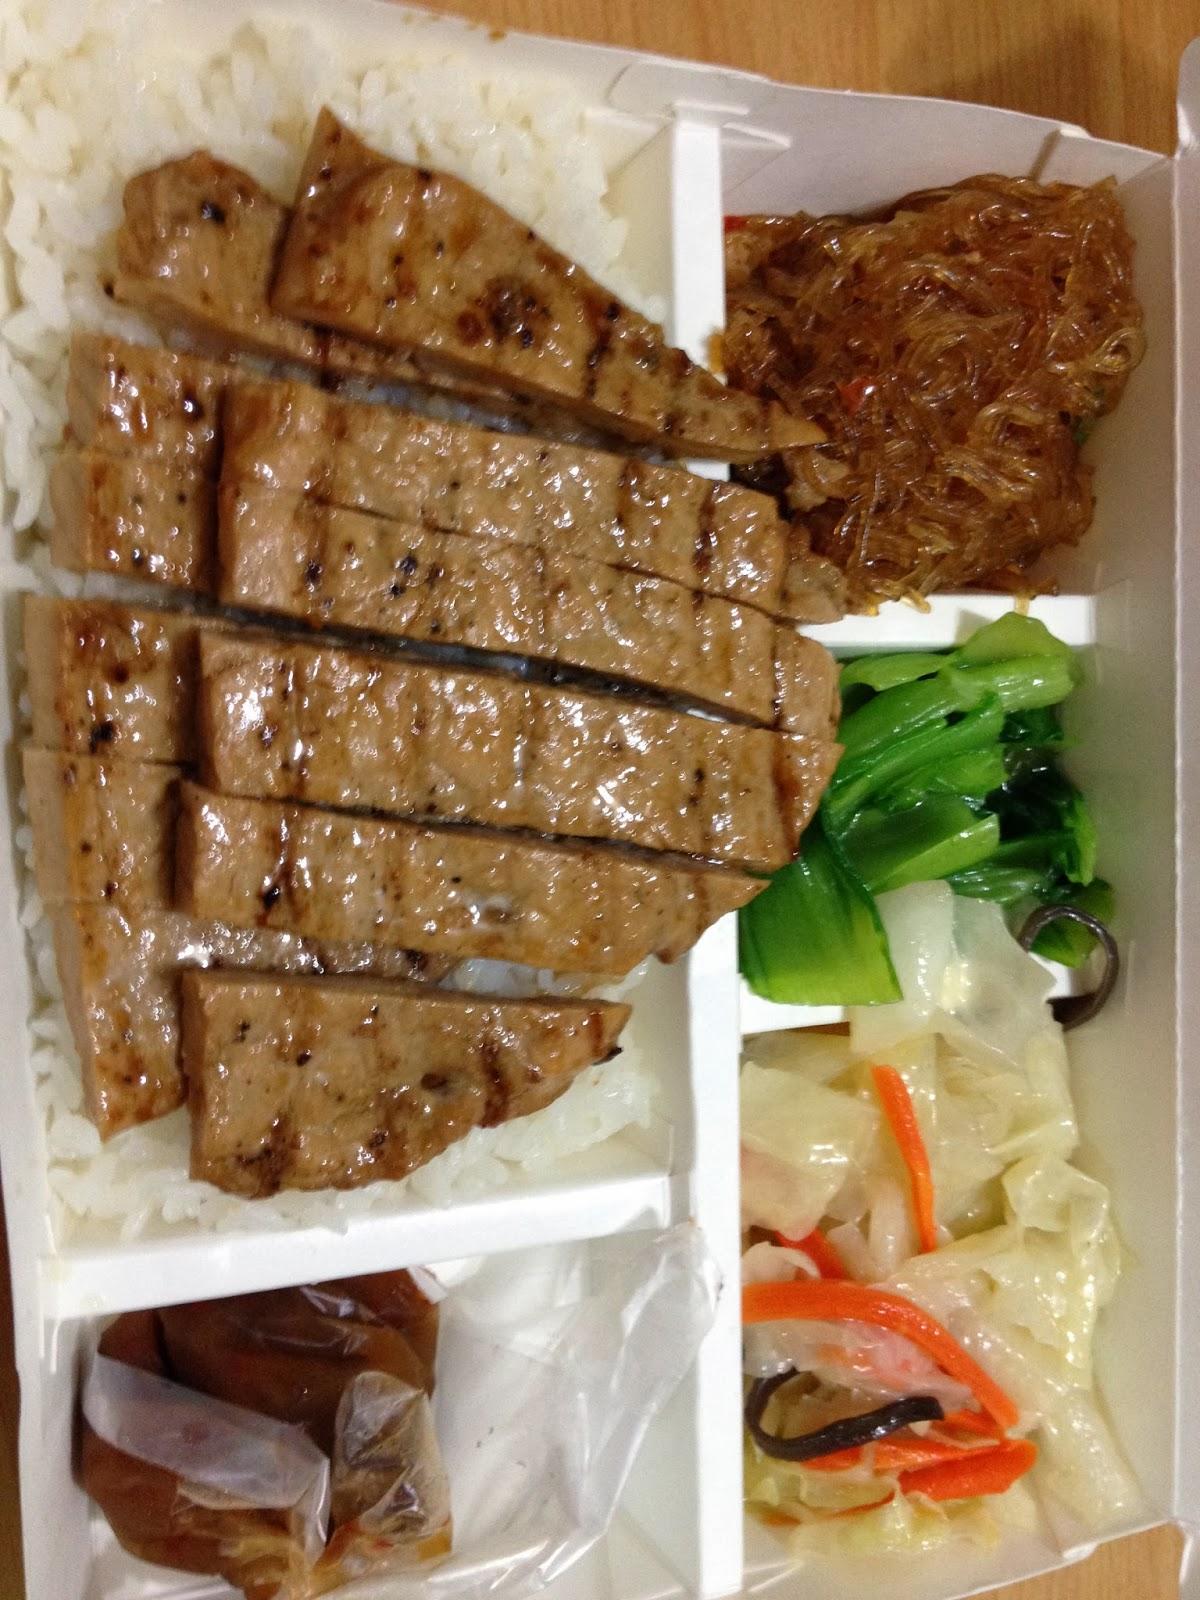 吃飽琛著: [北醫附近美食] 超好吃便當-珍品味-泰式碳烤-師大第一腿